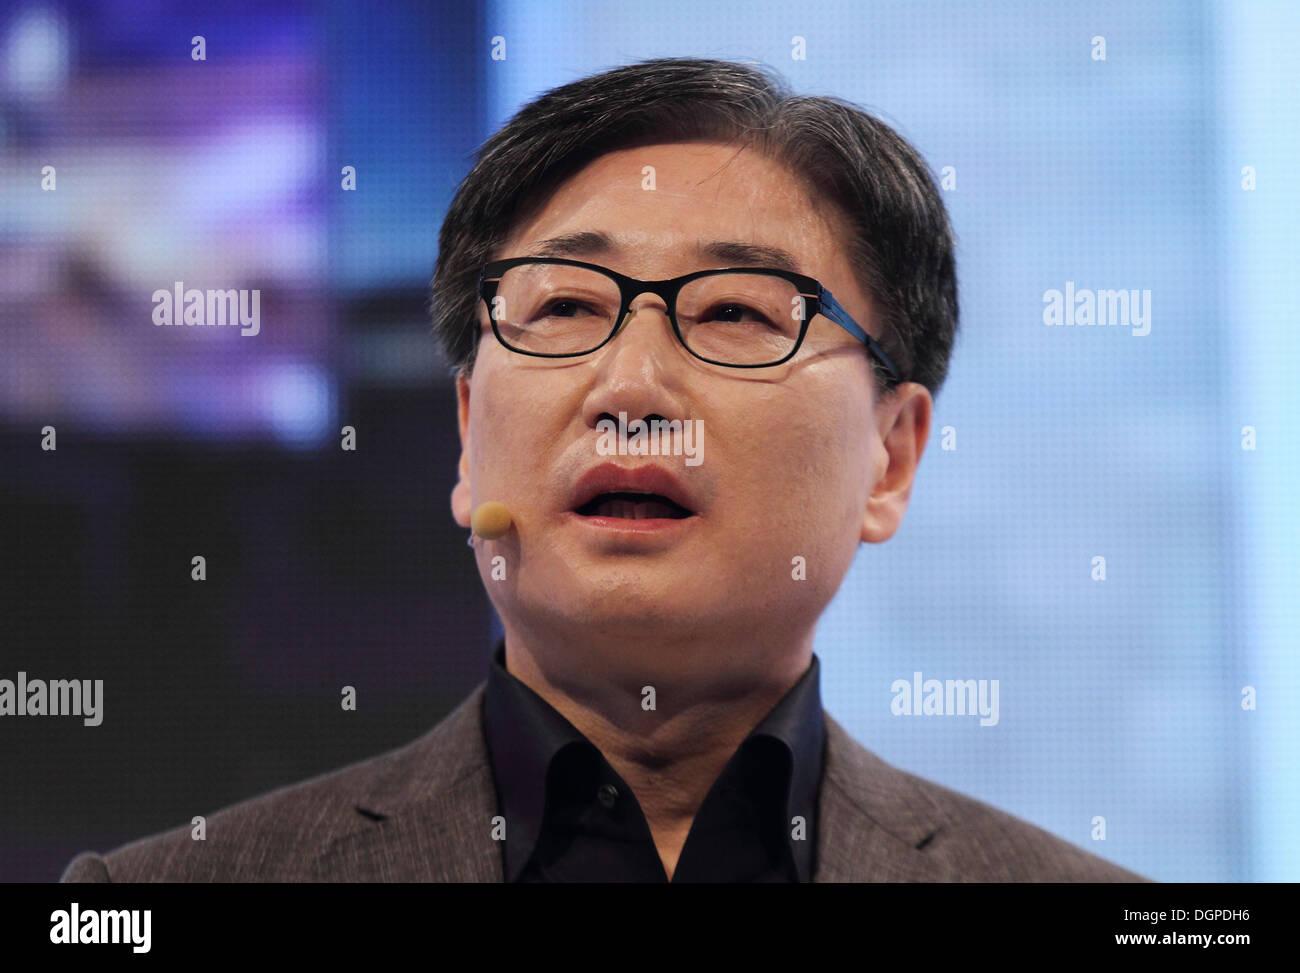 Berlin, Germany, Bk Yoon, Global President of Samsung